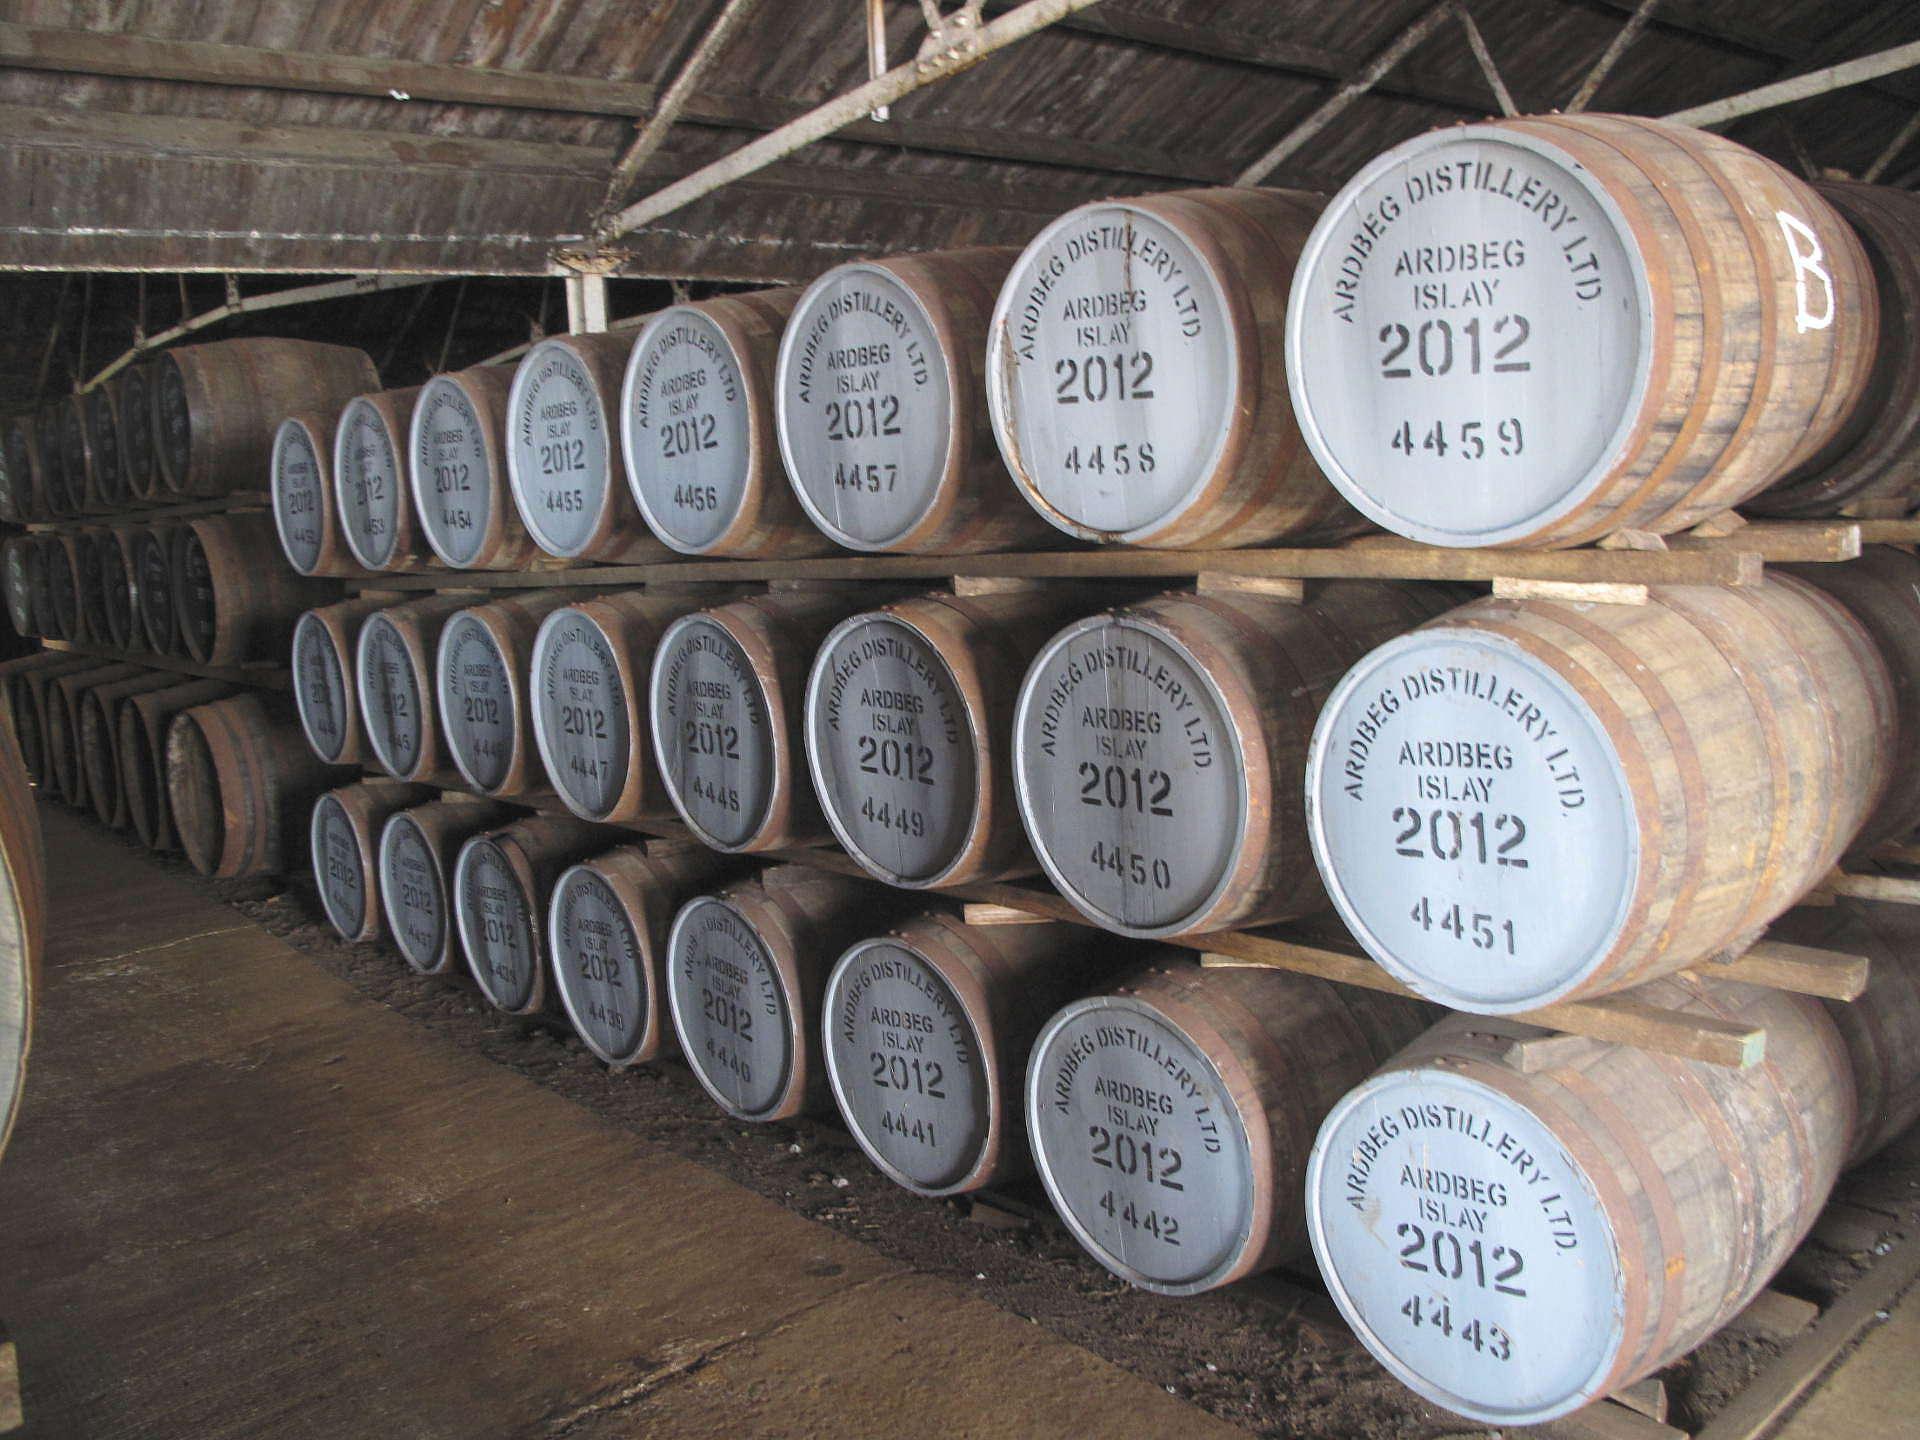 Ardbeg!!!!! De vitmålade faten på bilden är vad vårt tänkta destilleri fyller på –en förmiddag.